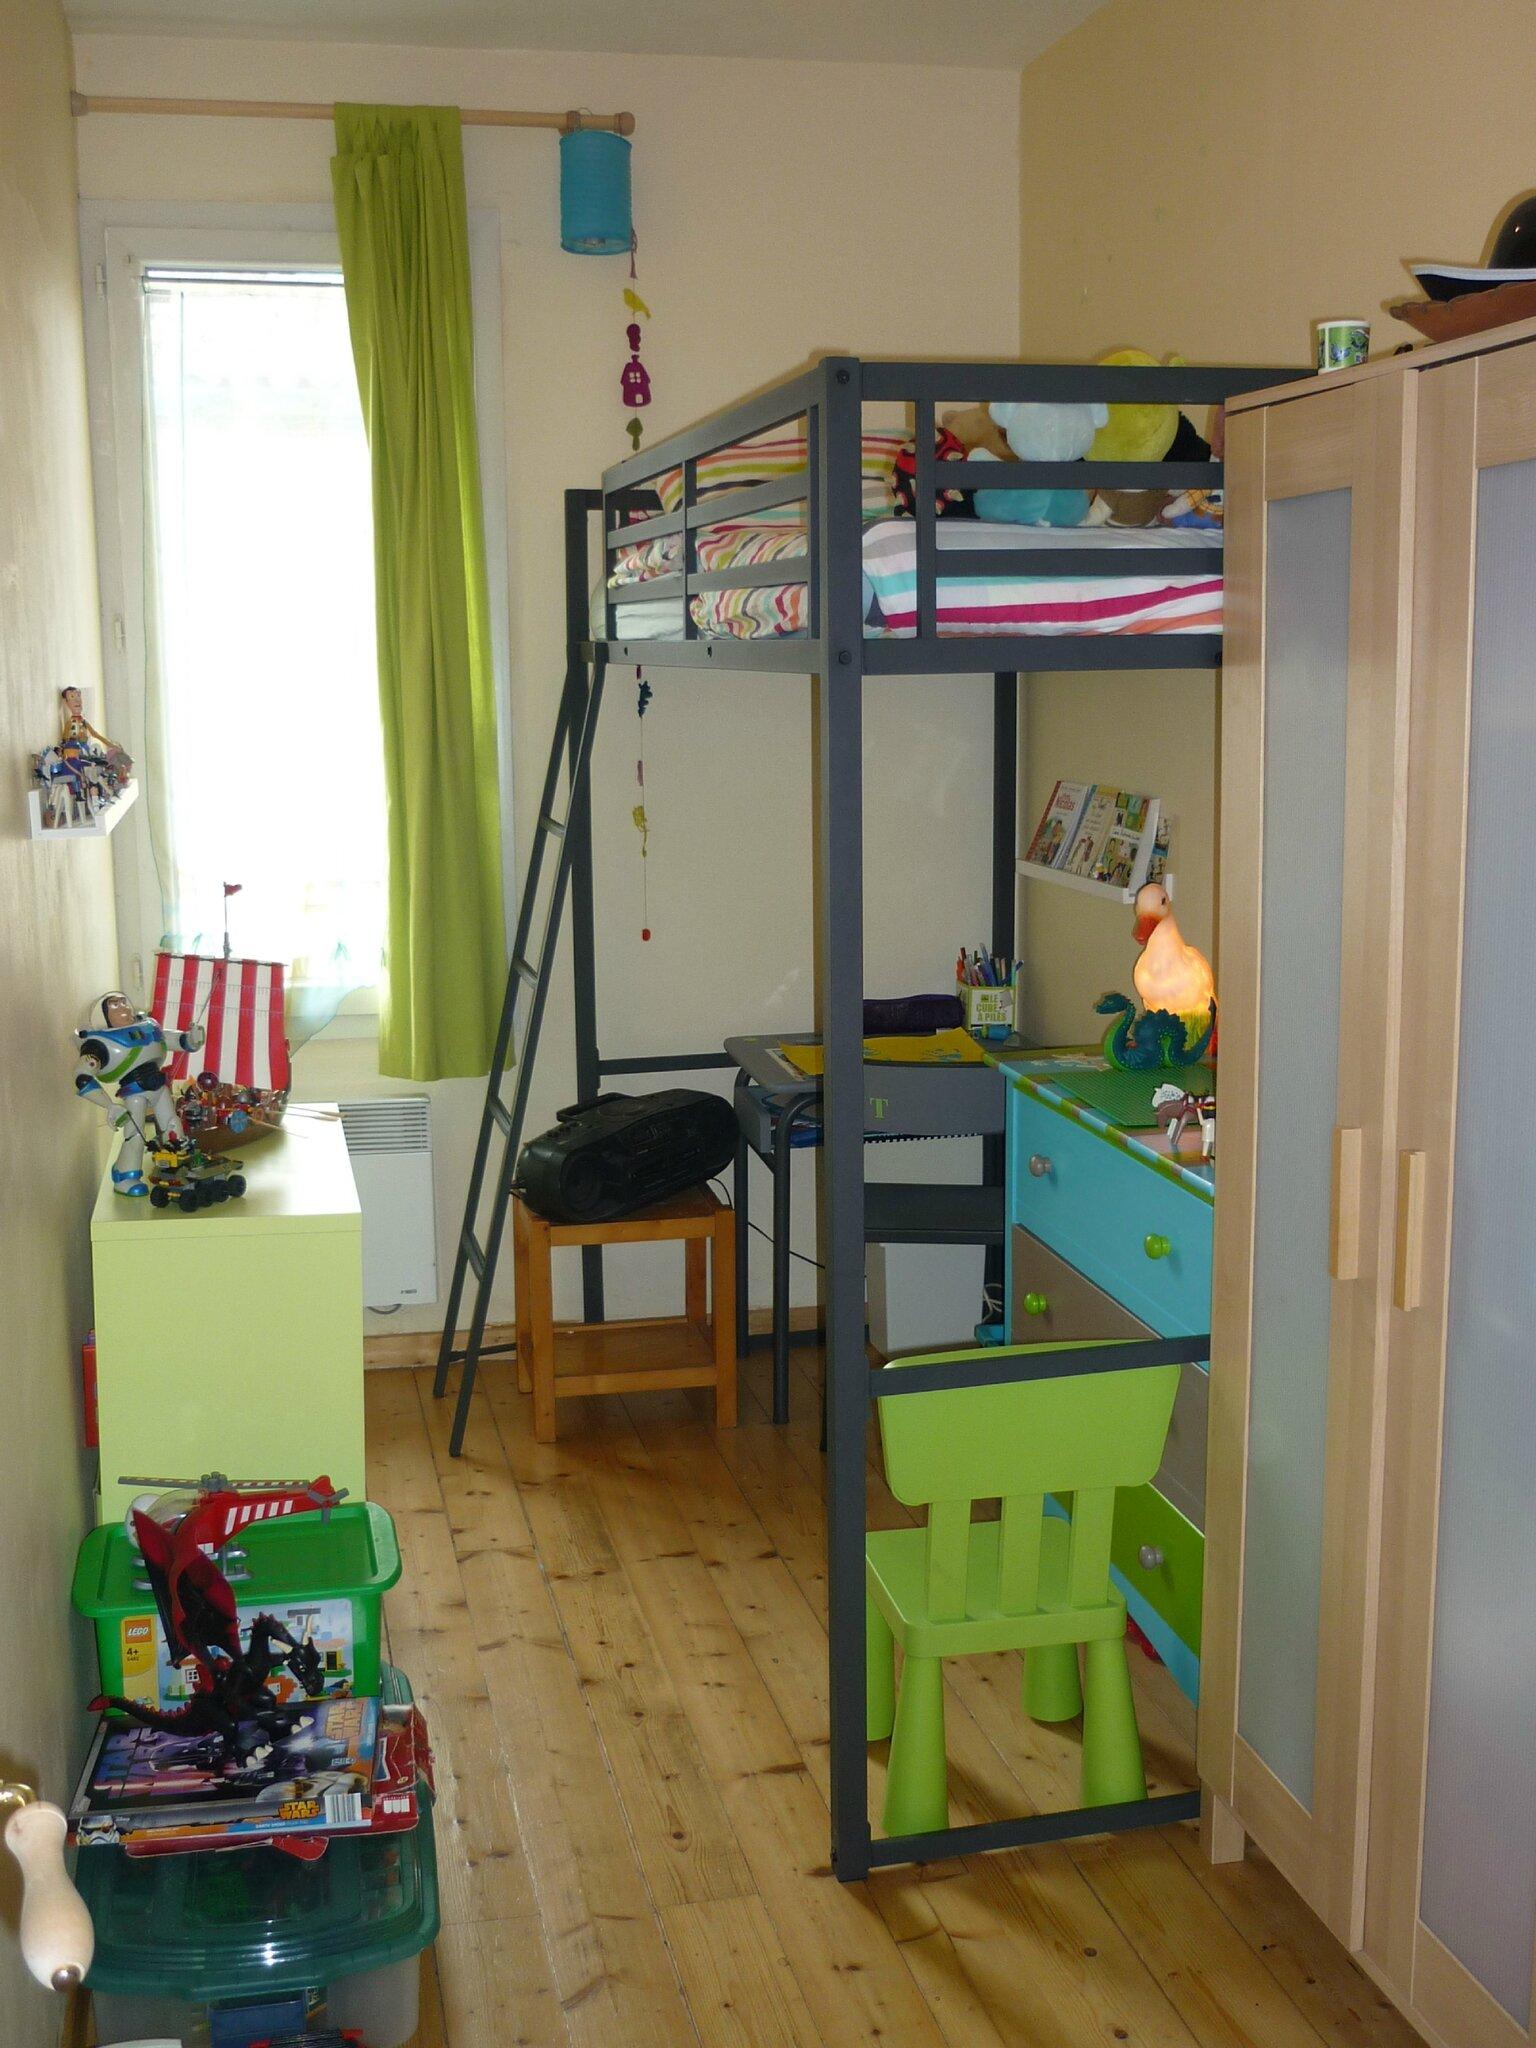 Comment Optimiser Lespace Dune Petite Chambre Carnet